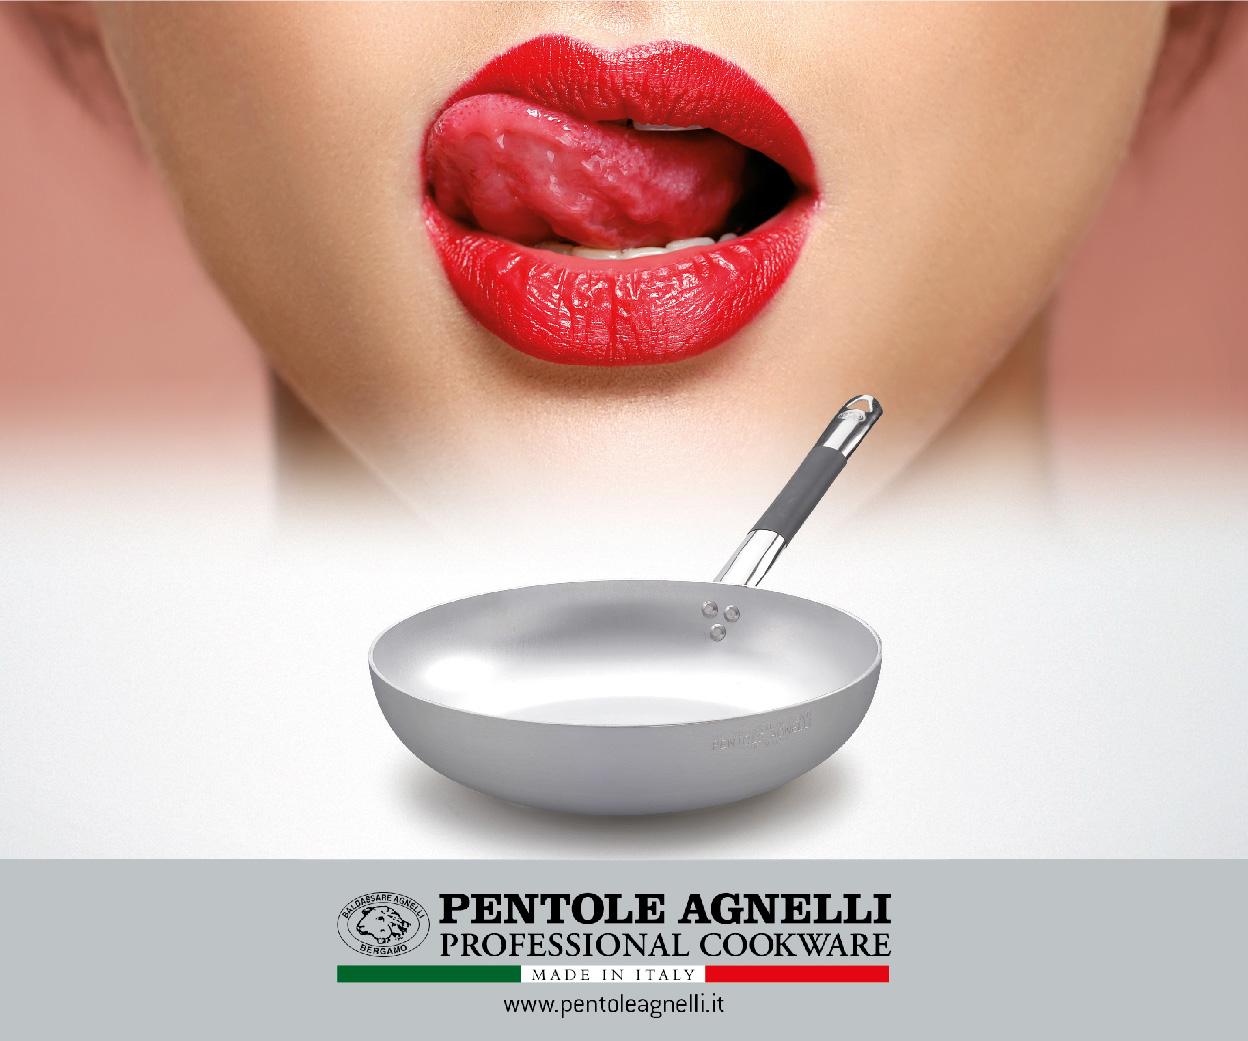 pentole-agnelli